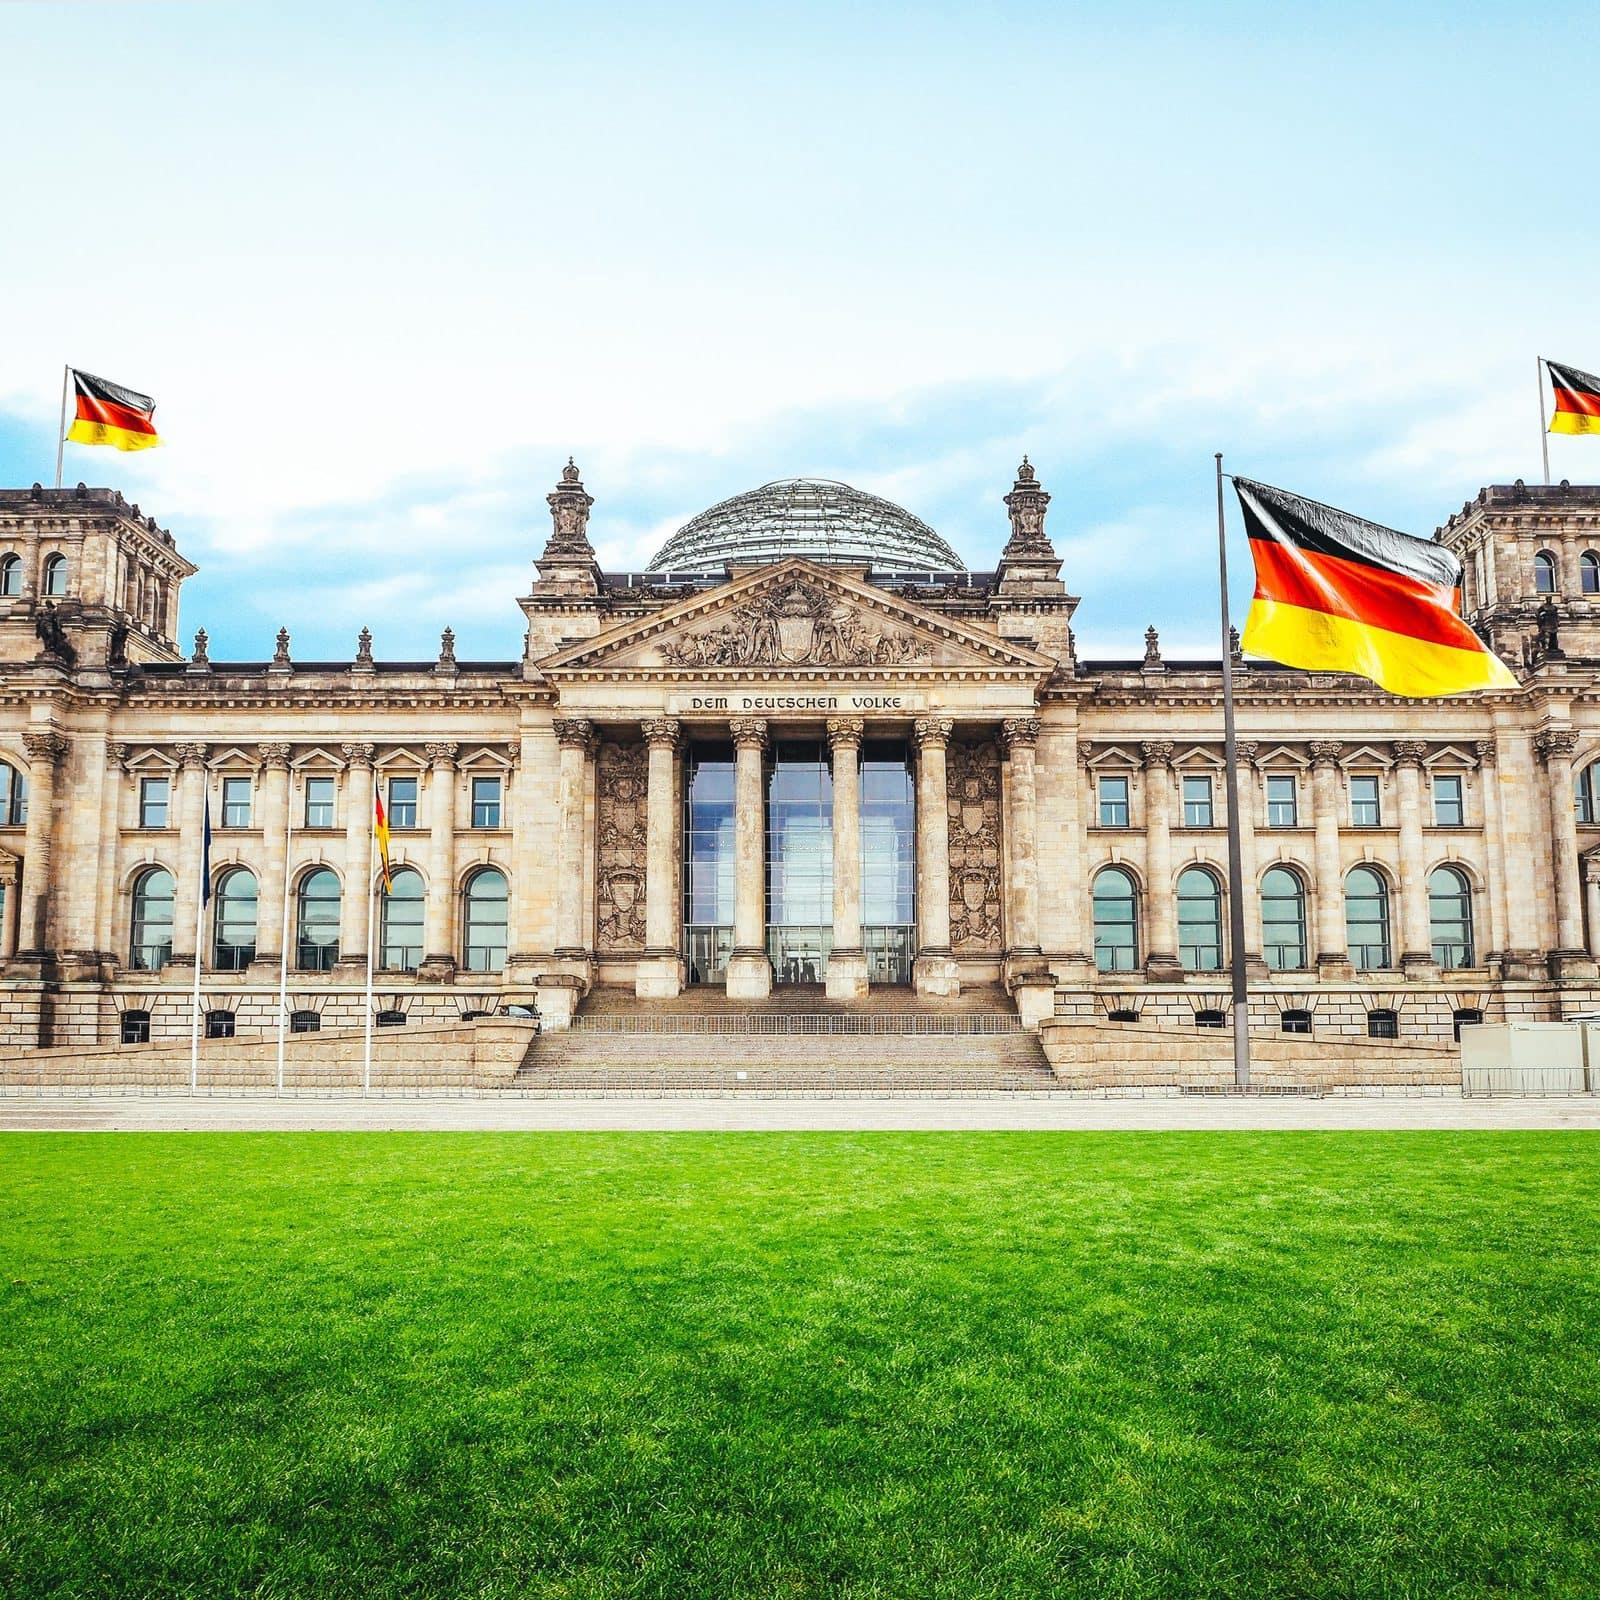 Германия (федеративная республика германия), россия - деловой квартал